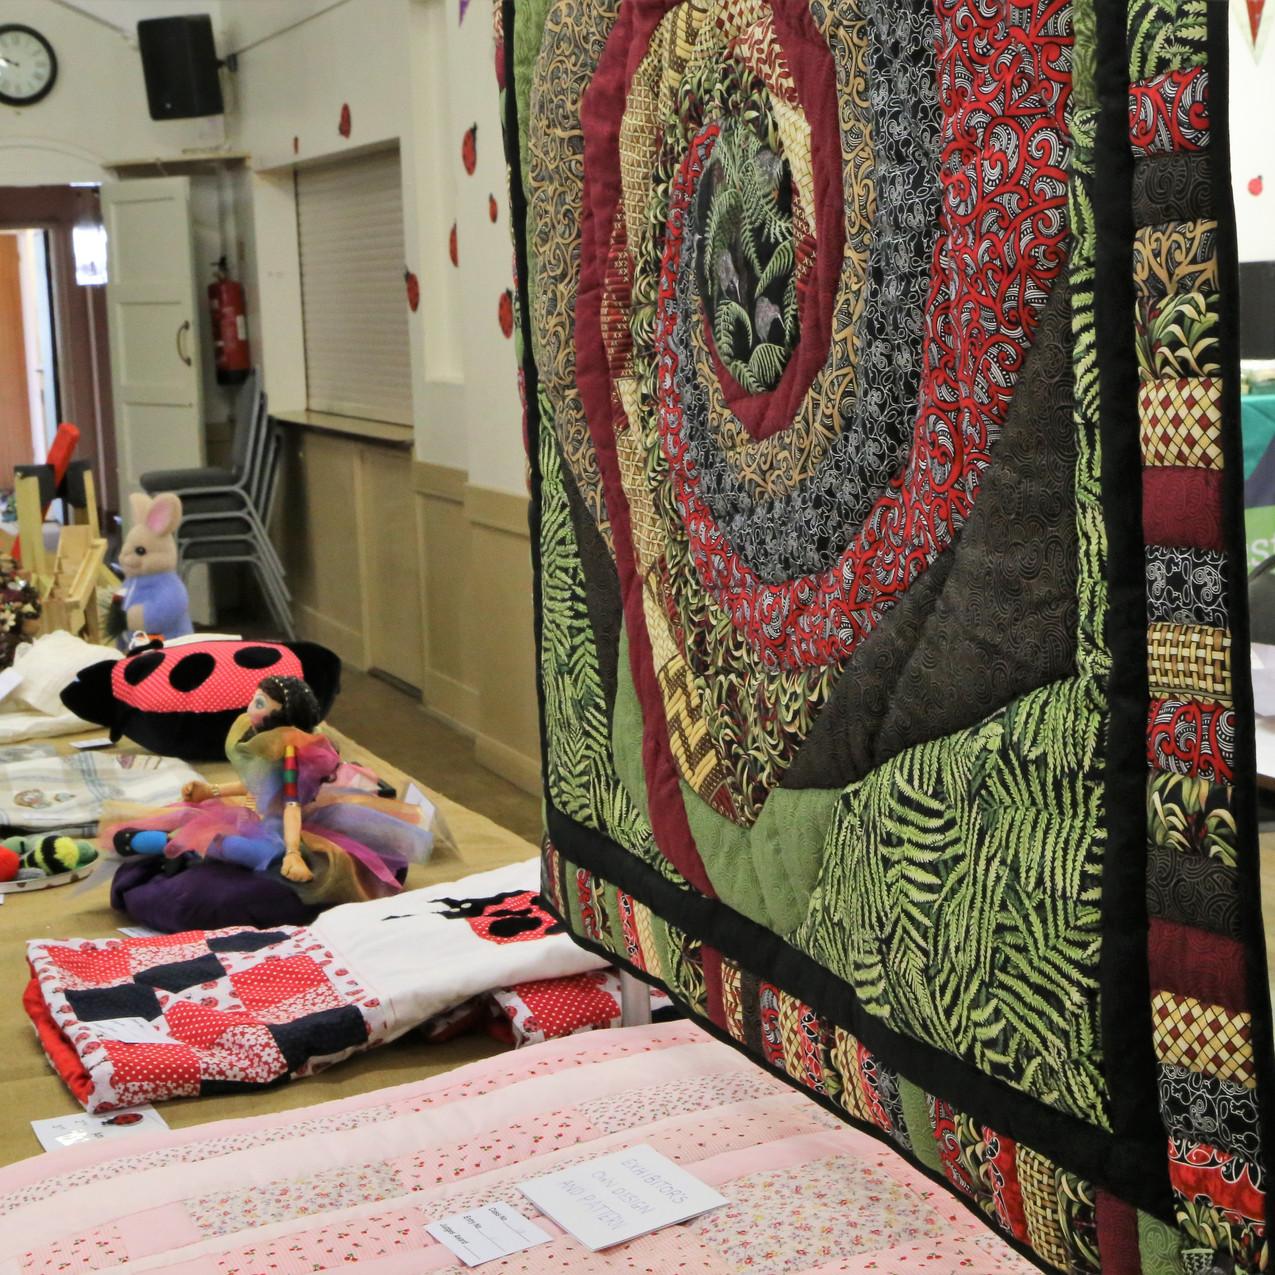 Local crafts